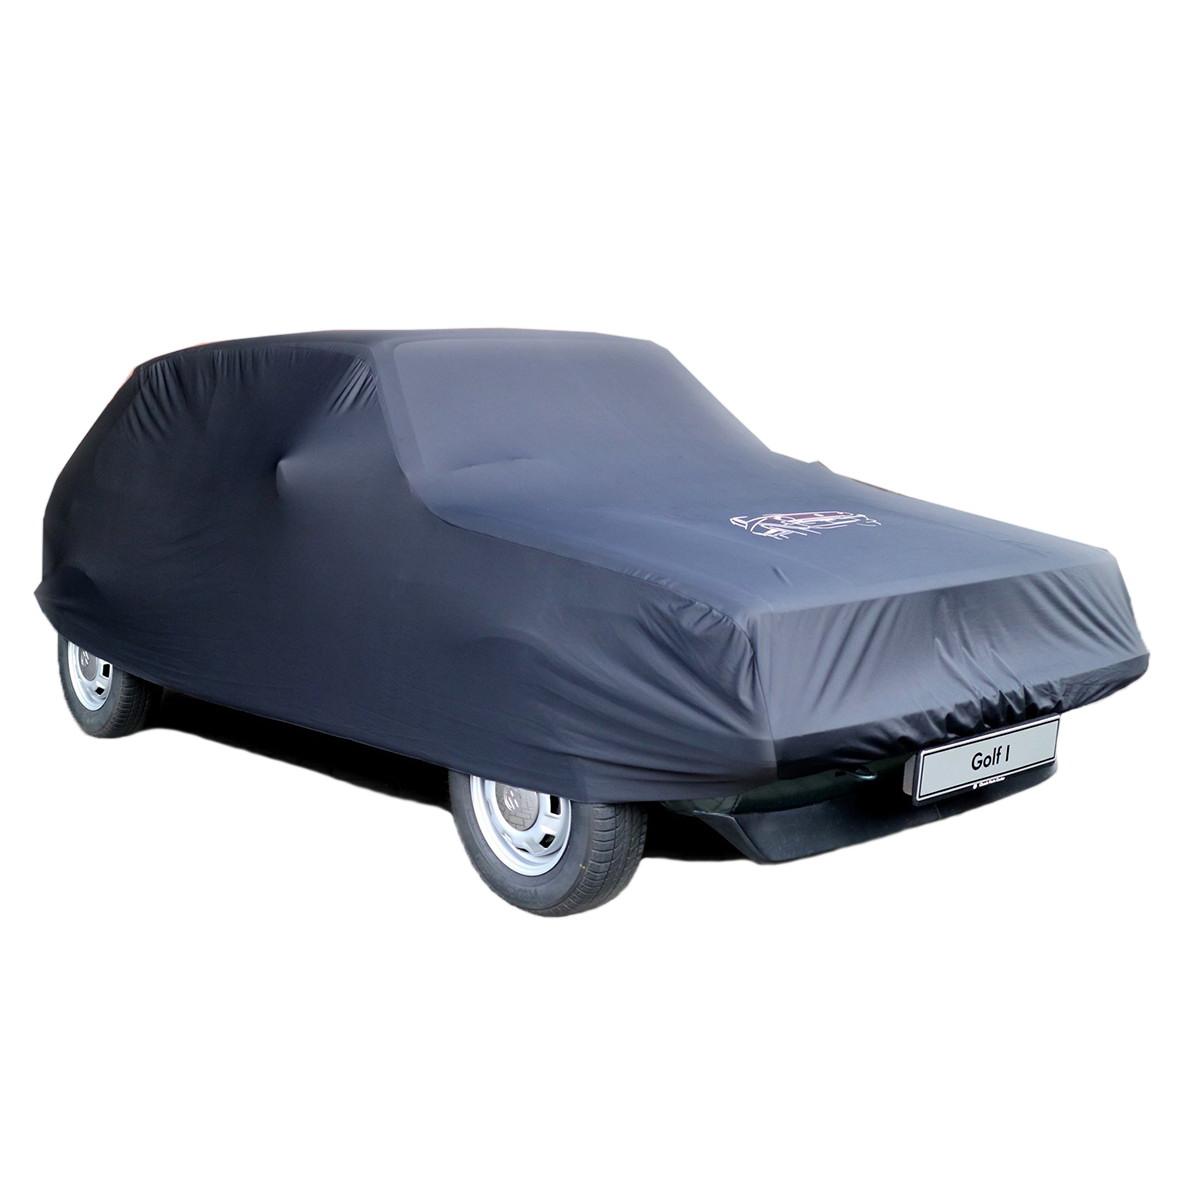 Pokrowiec Wewnętrzny Dopasowany Kształt VW Golf 1 / Cabrio